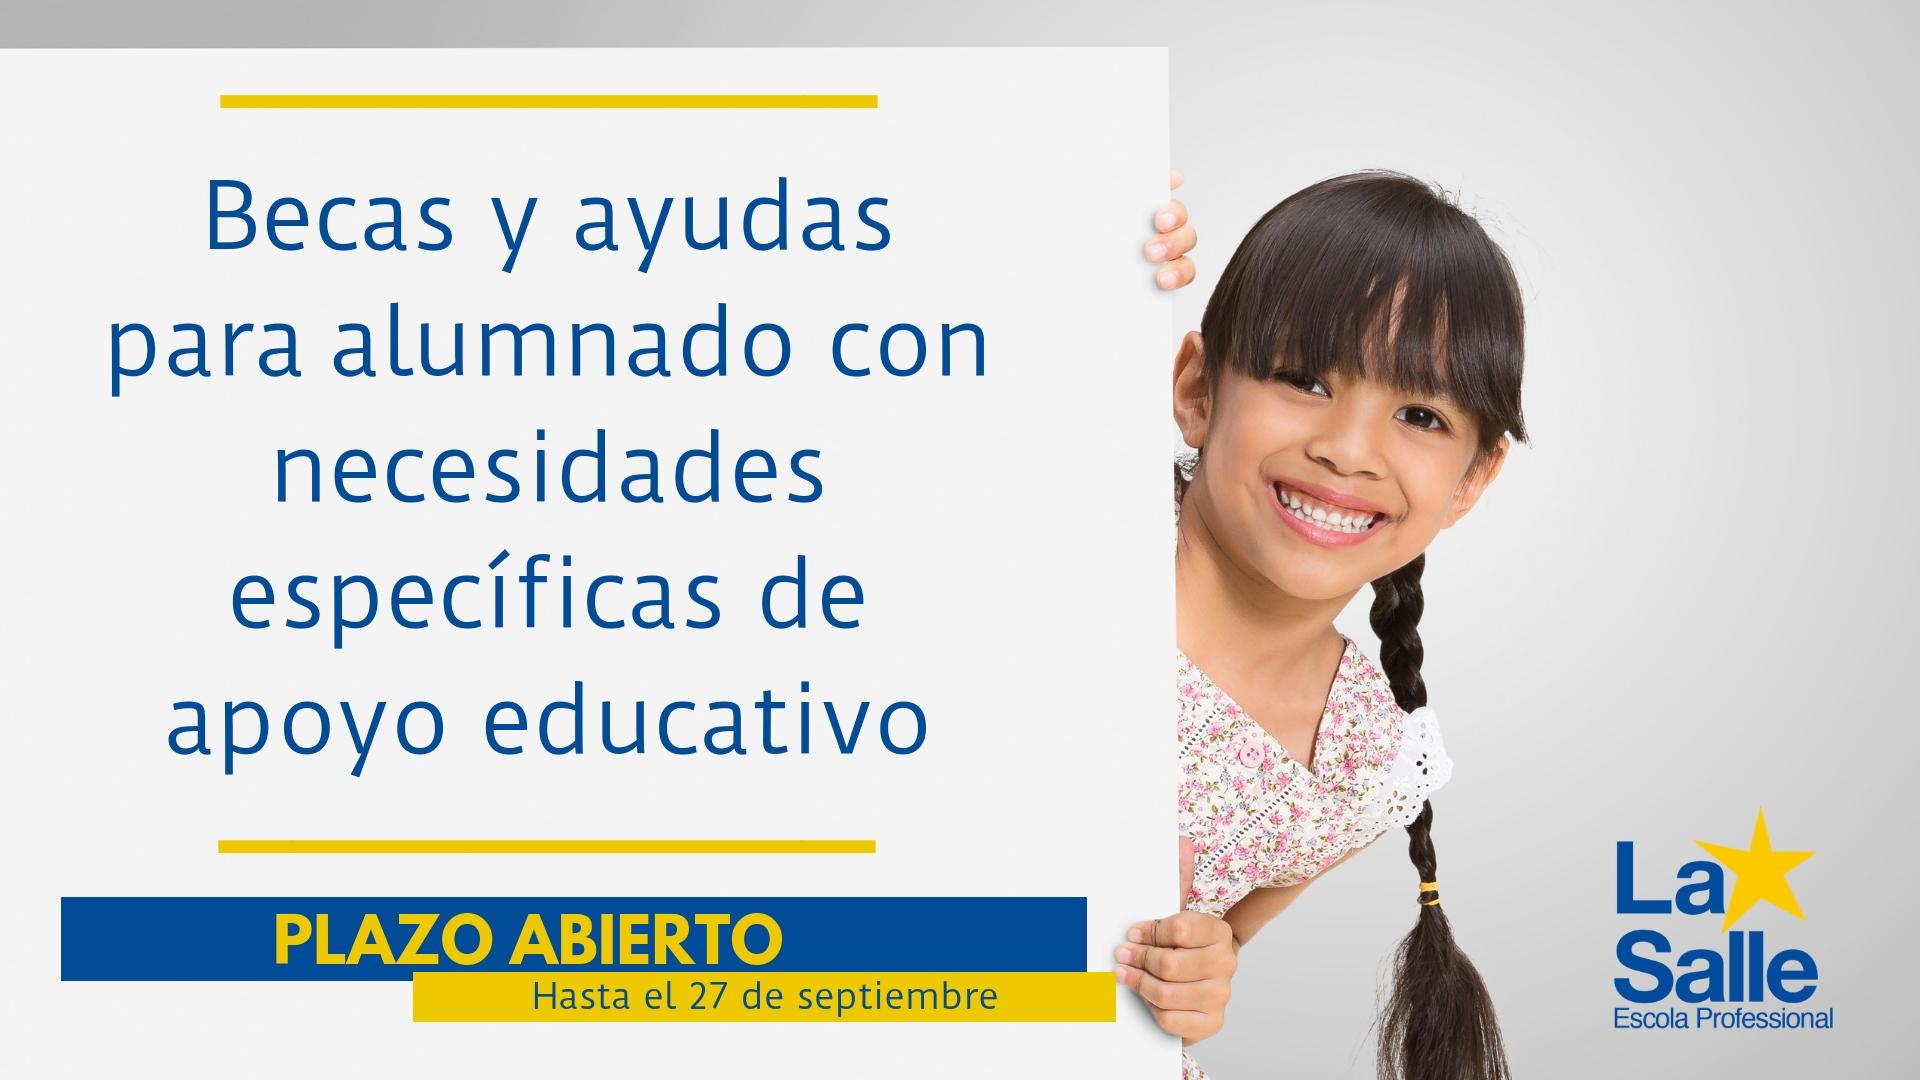 Ayudas para alumnado con necesidades específicas de apoyo educativo